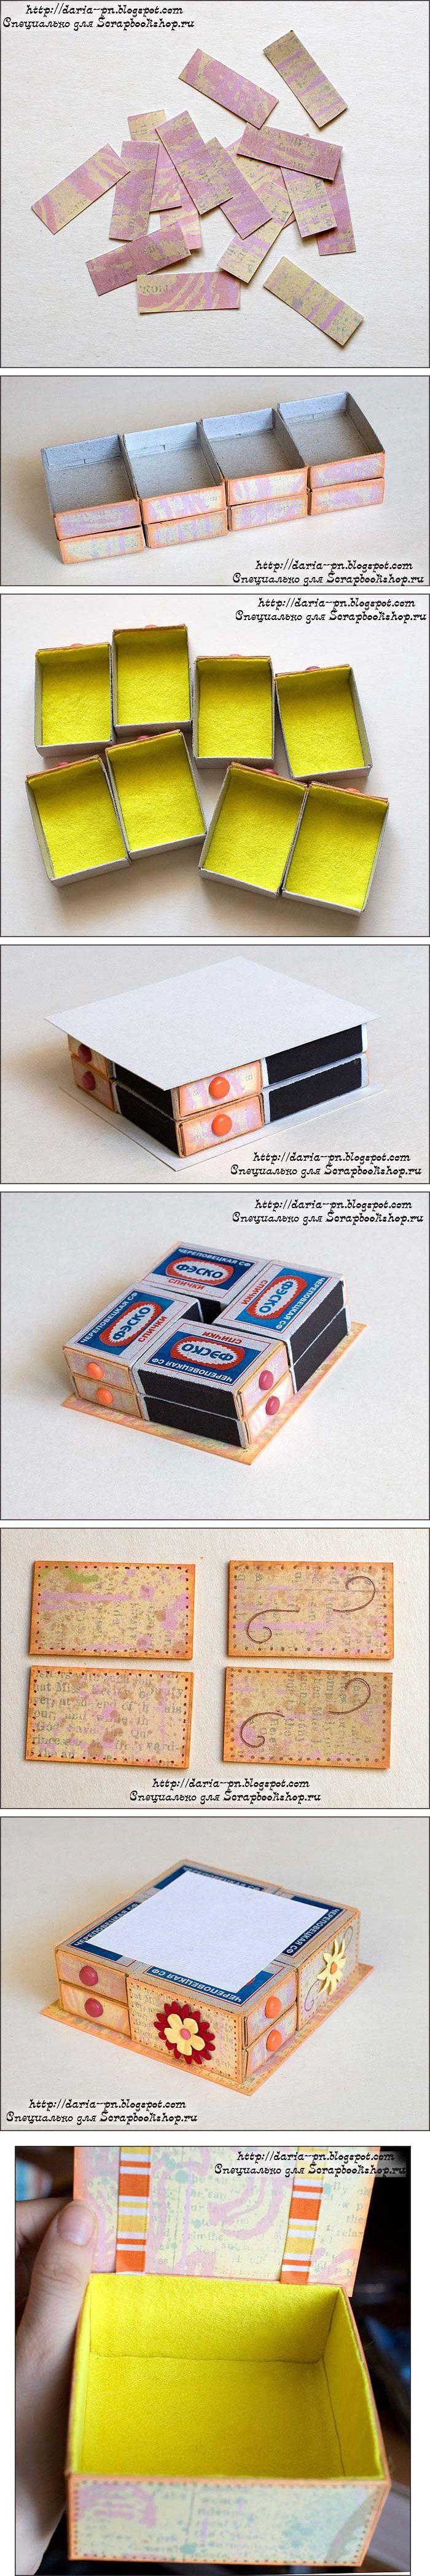 милота из спичечных коробков: 14 тыс изображений найдено в Яндекс.Картинках